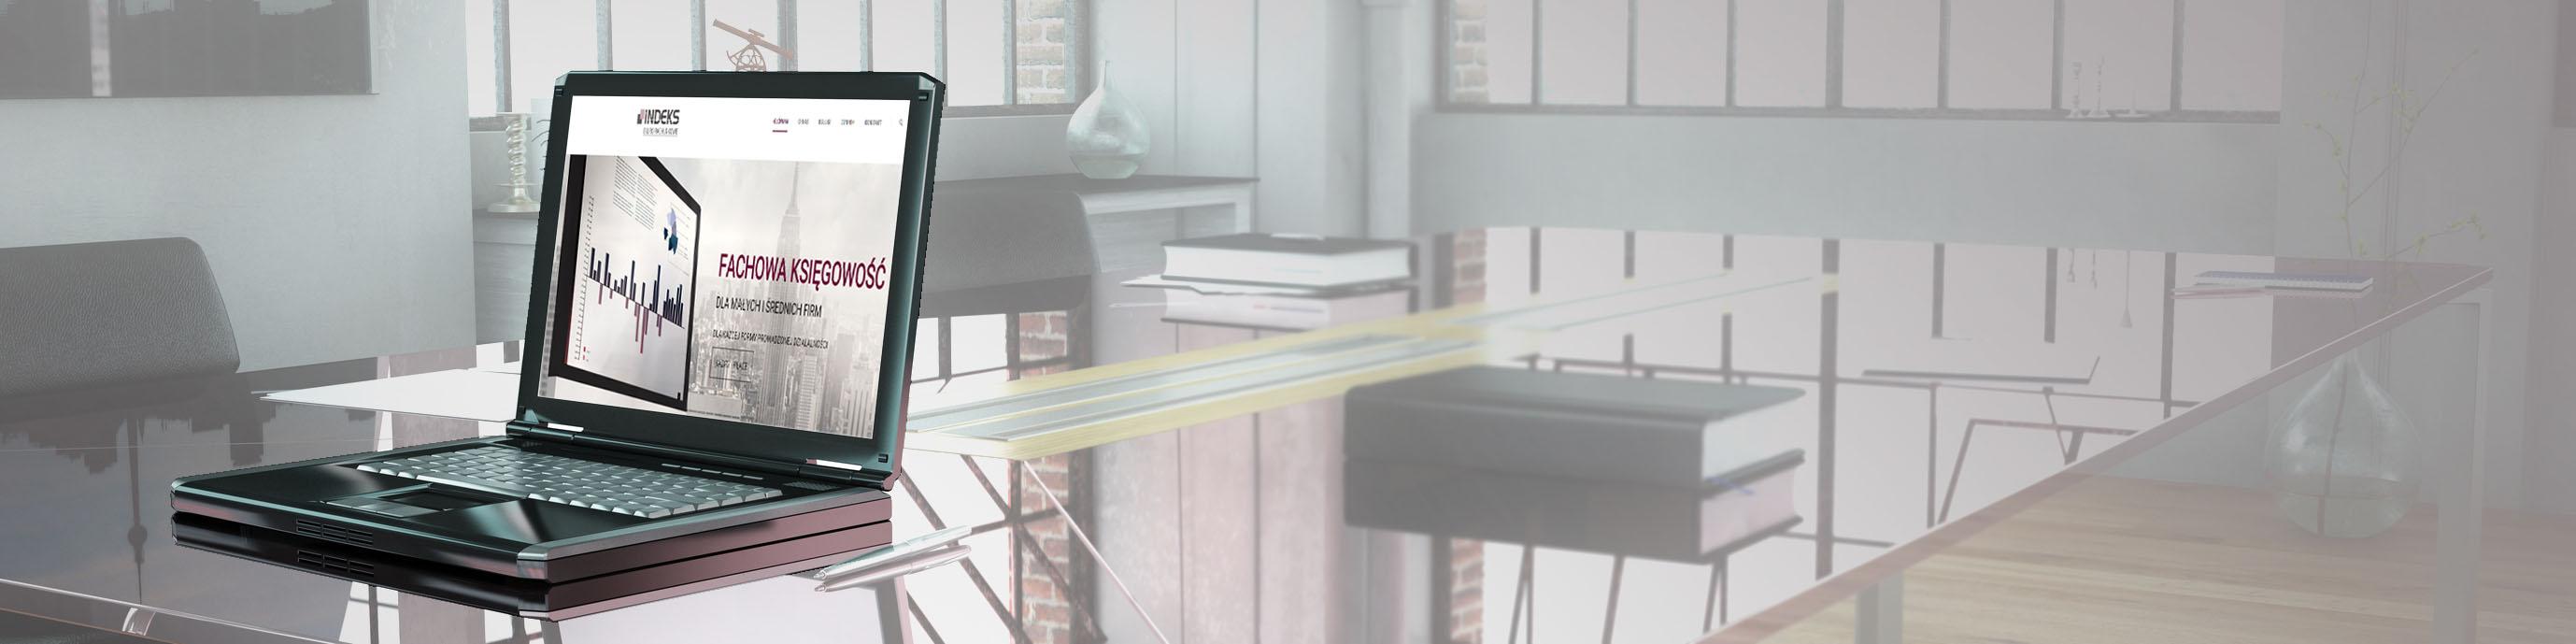 Panorama vom Büro mit Glastisch als Schreibtisch und einem Computer